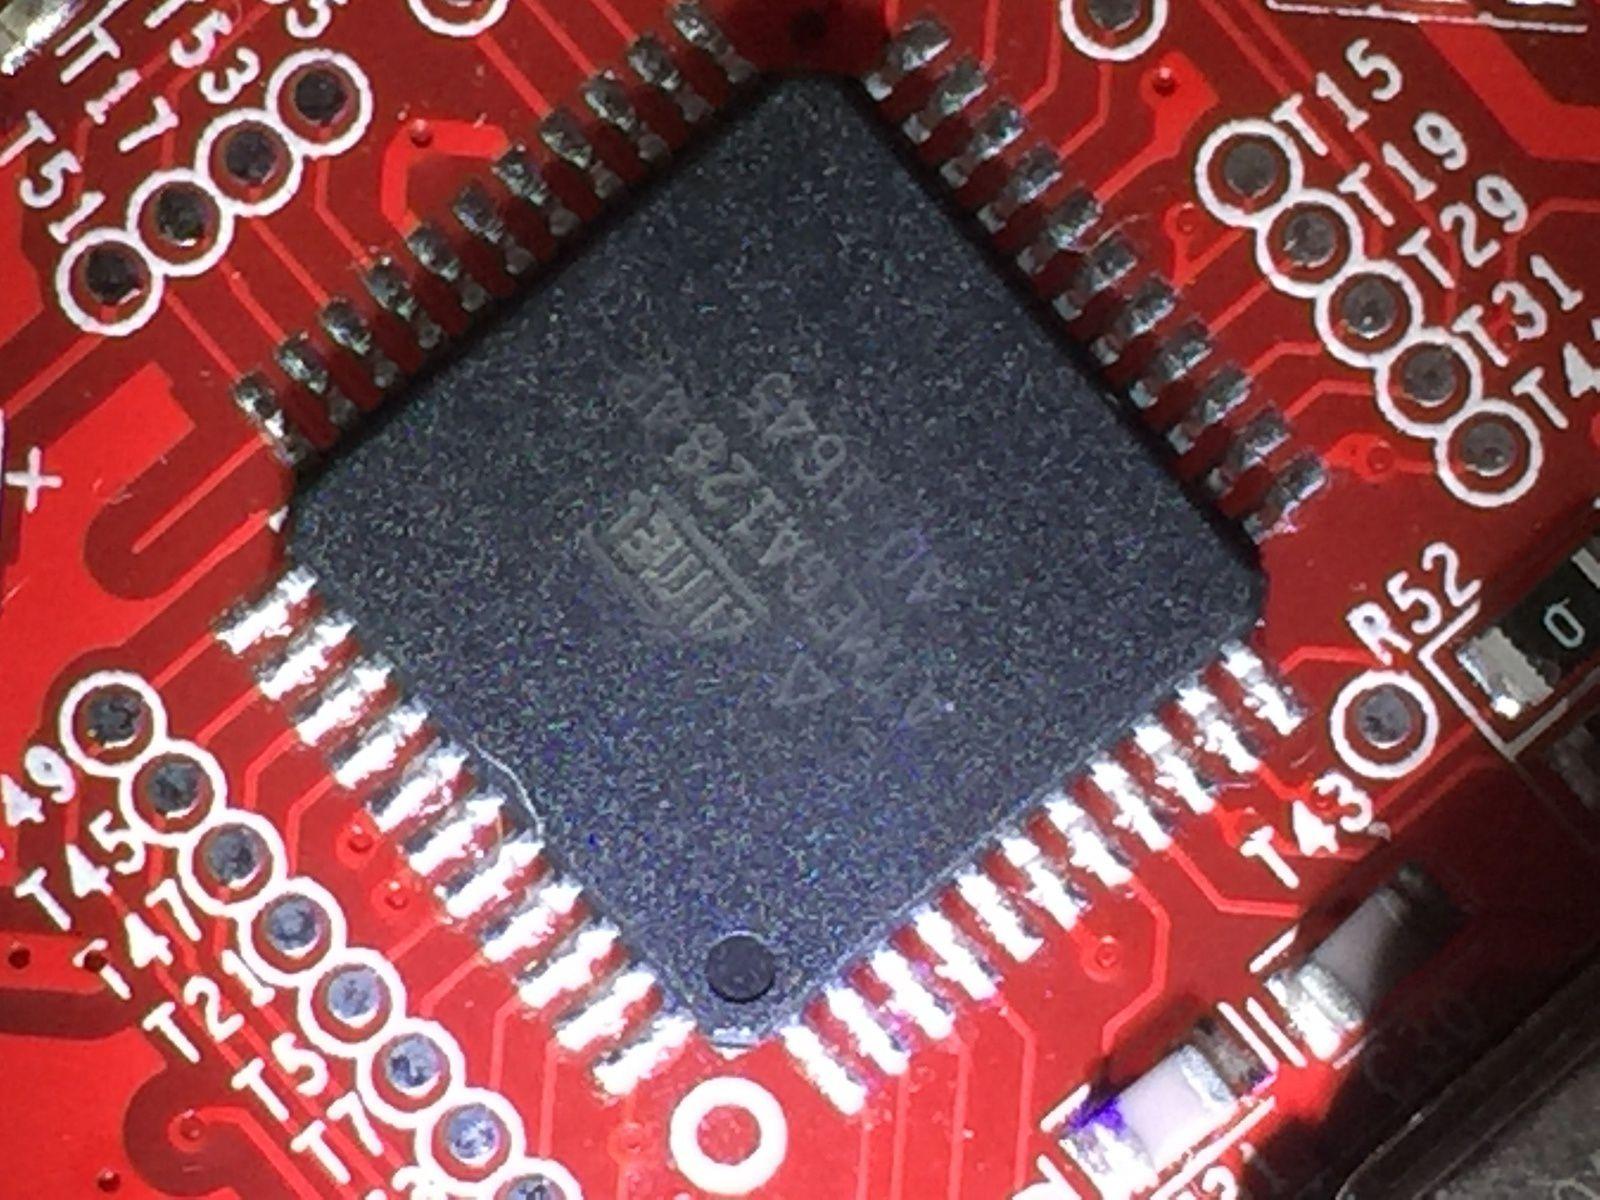 Ma carte est la version ANET V1.5 équipée du très classique microcontroleur ATMEL ATMEGA128 (j'ai débranché quelques nappes pour la photographie)